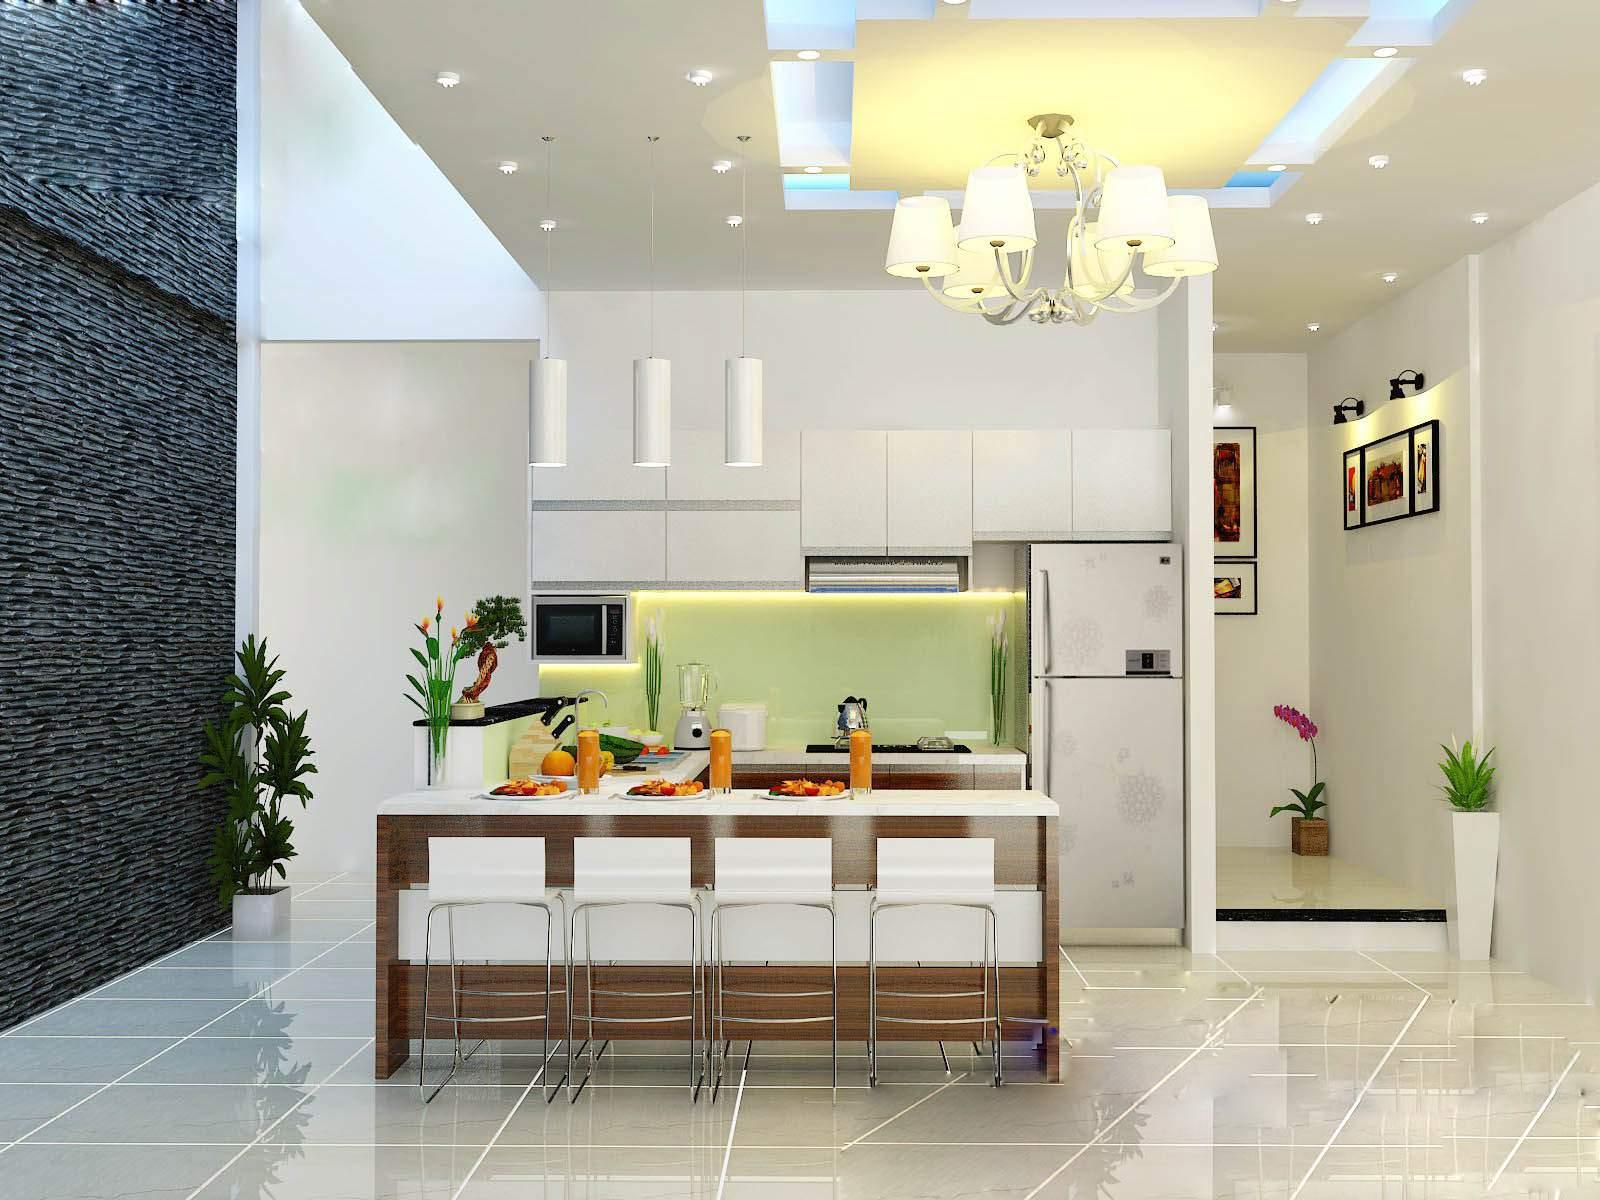 Phòng bếp là nơi gắn kết các thành viên trong gia đình